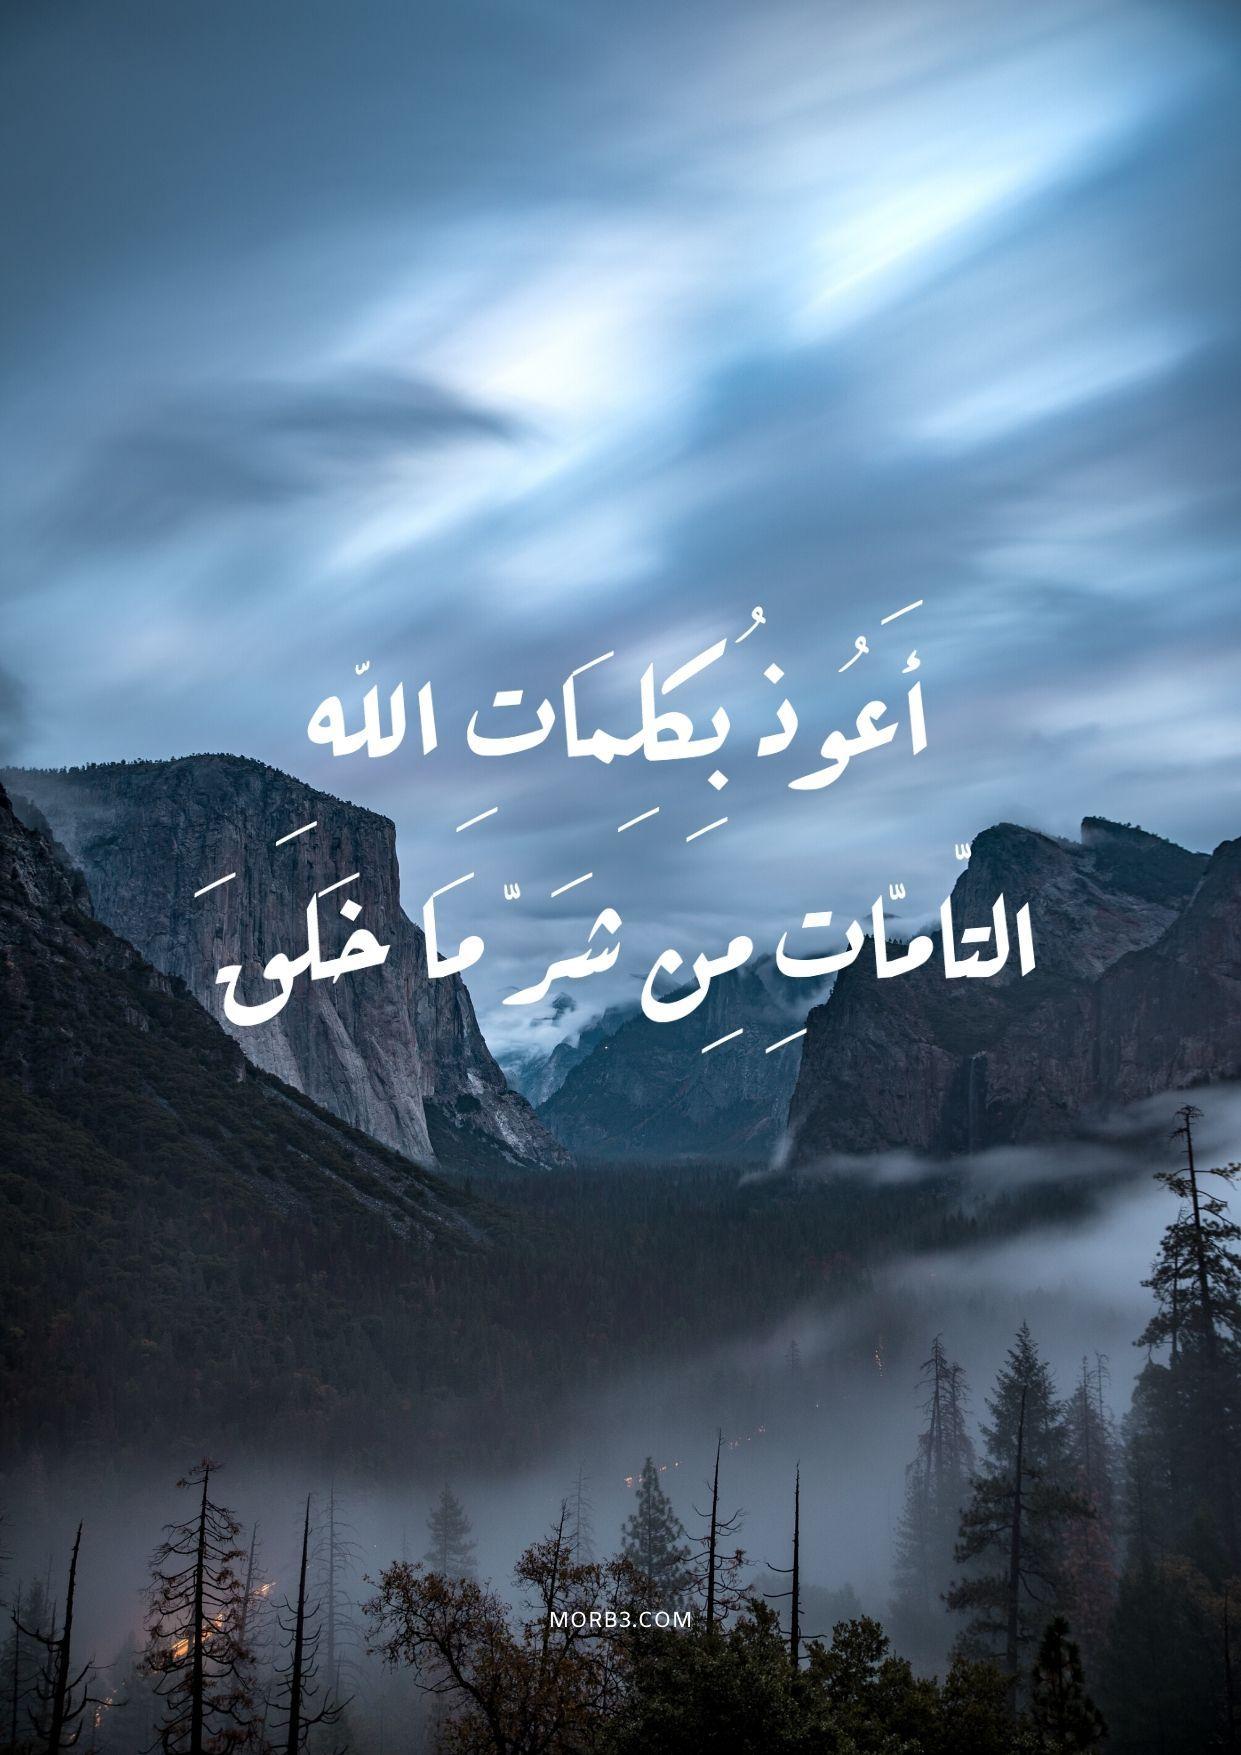 صور خلفيات اسلامية دينية ادعية اسلامية جميلة للموبايل ايفون صور مكتوب عليها عبارات دينية خلفيات ادعية اسلامية ادعية الف Positive Vibes Neon Signs Movie Posters